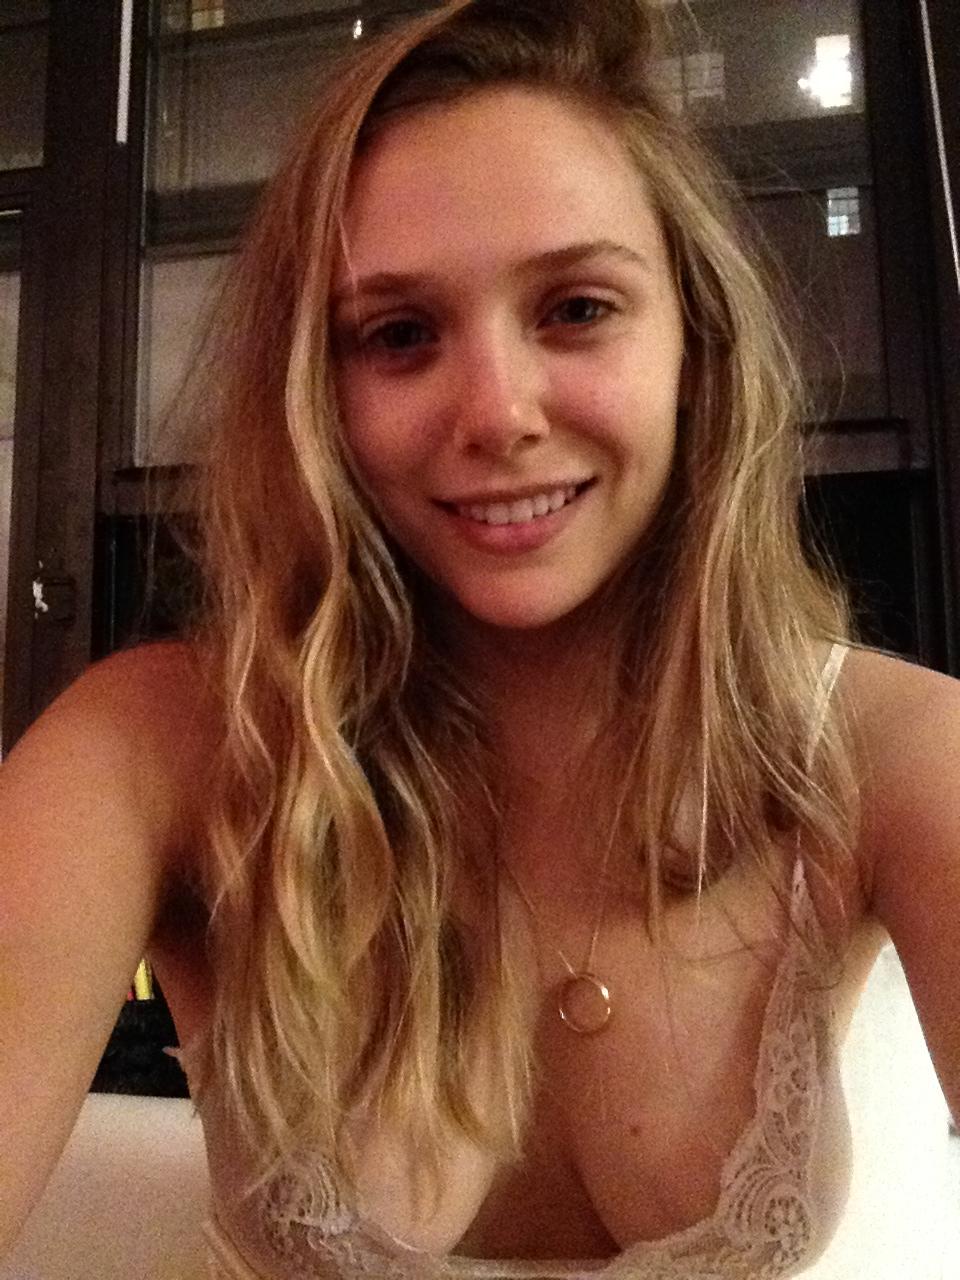 Alison Sweeney Nude elizabeth olsen leaked (3 photos) – ( ͡° ͜ʖ ͡°)  the